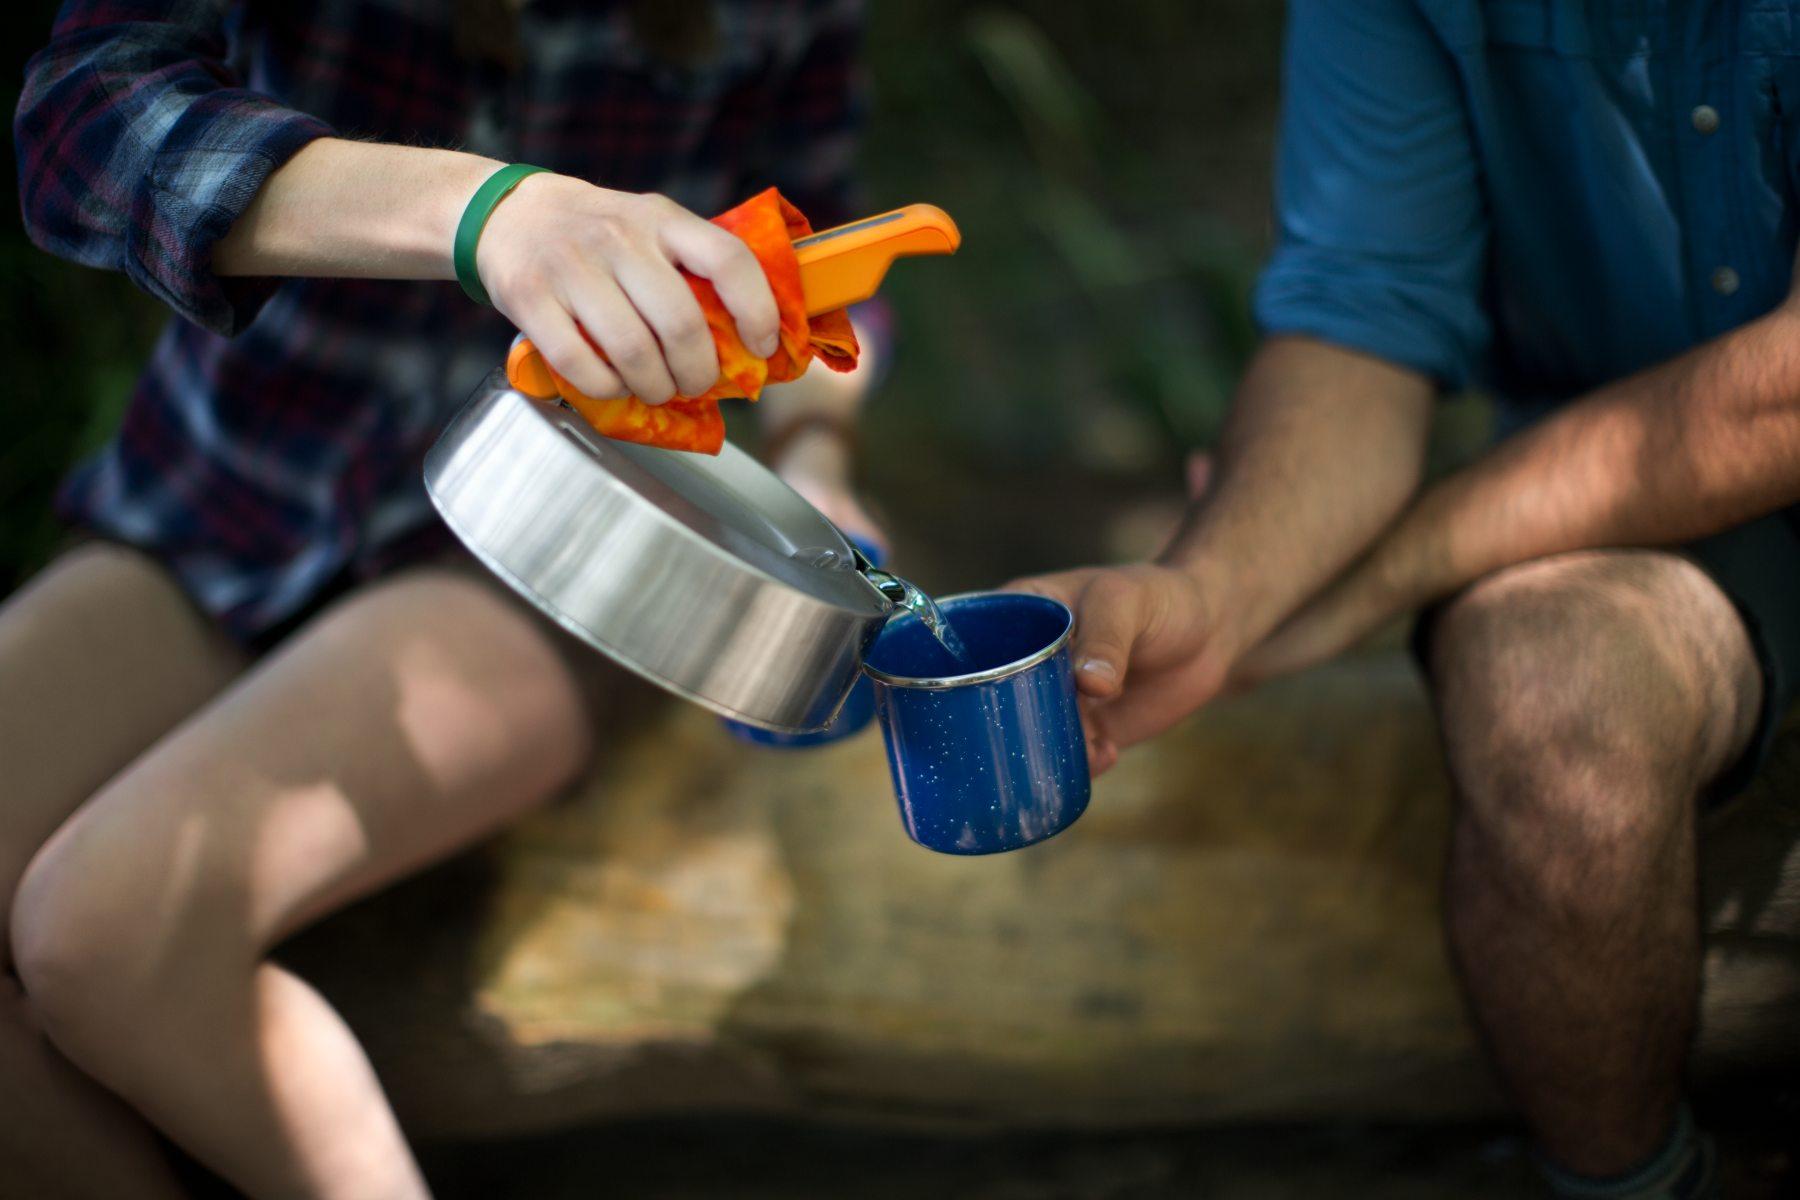 KettleCharge - электричество от кипячения воды. Facepla.net последние новости экологии